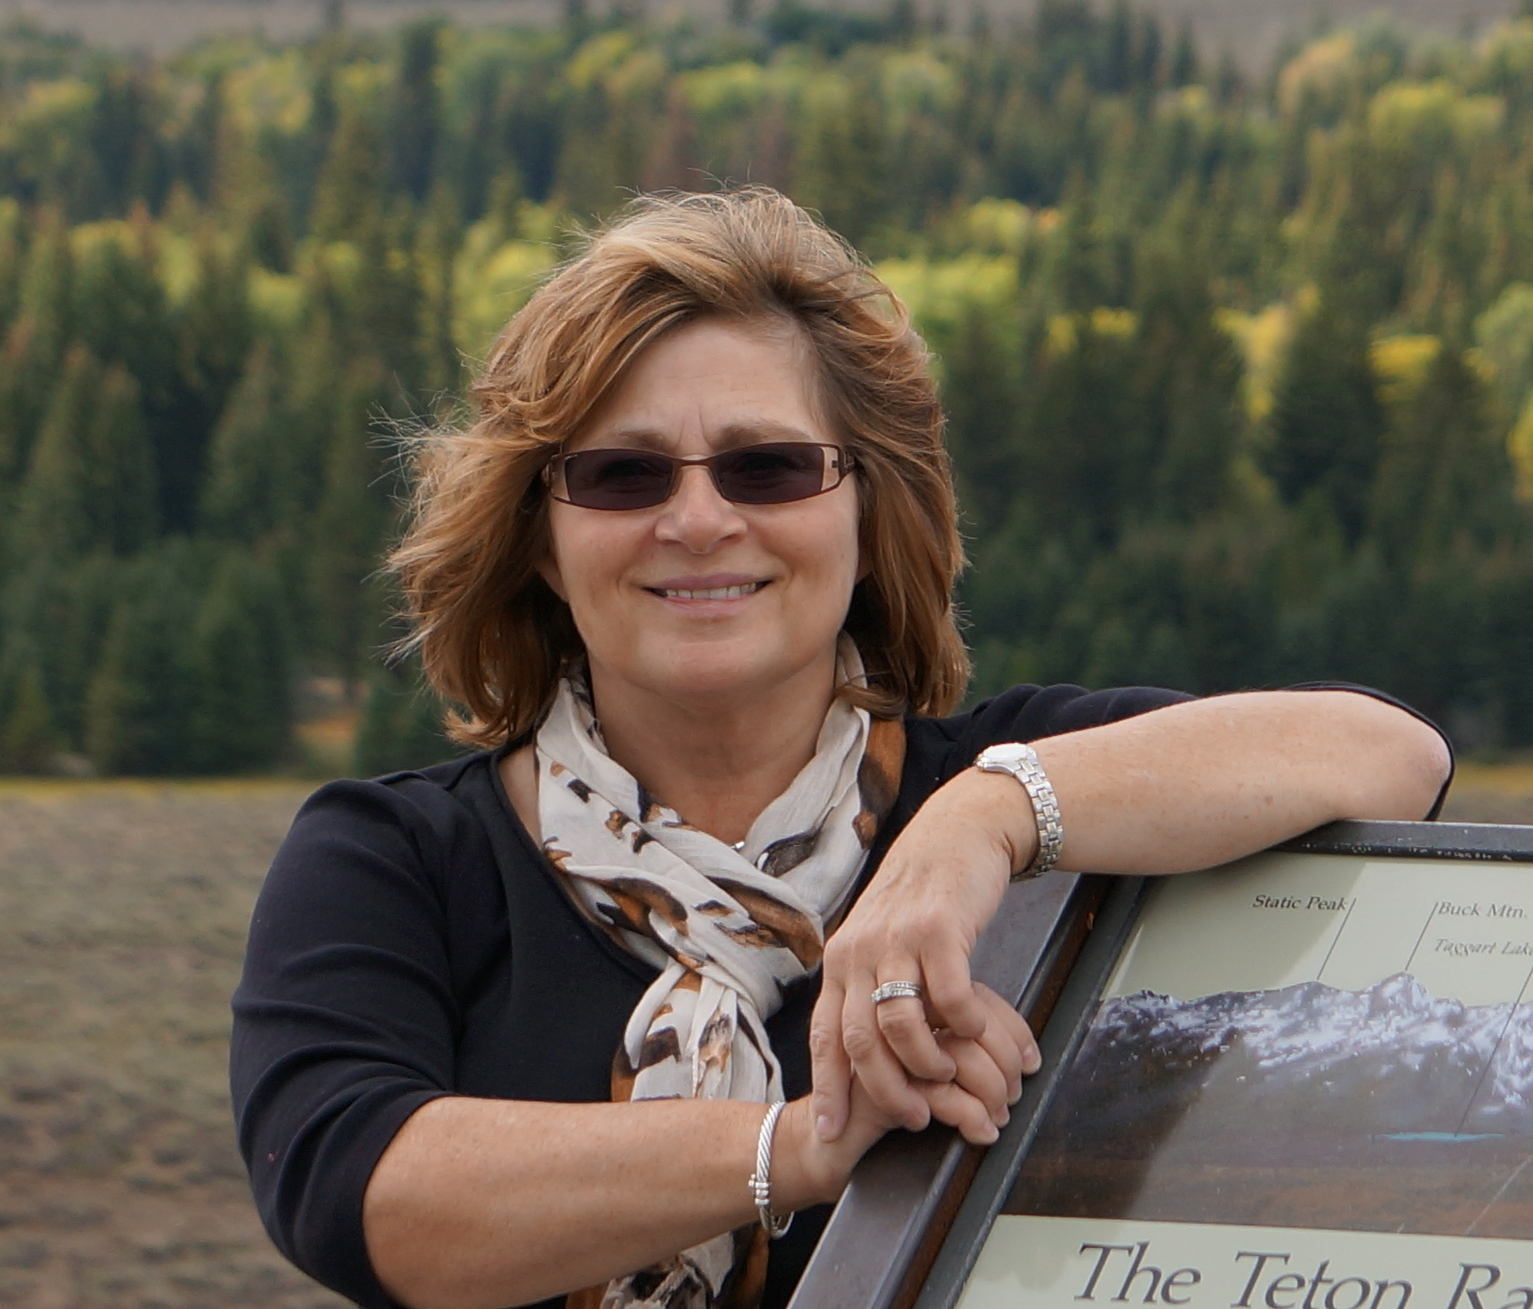 Helen Shideler